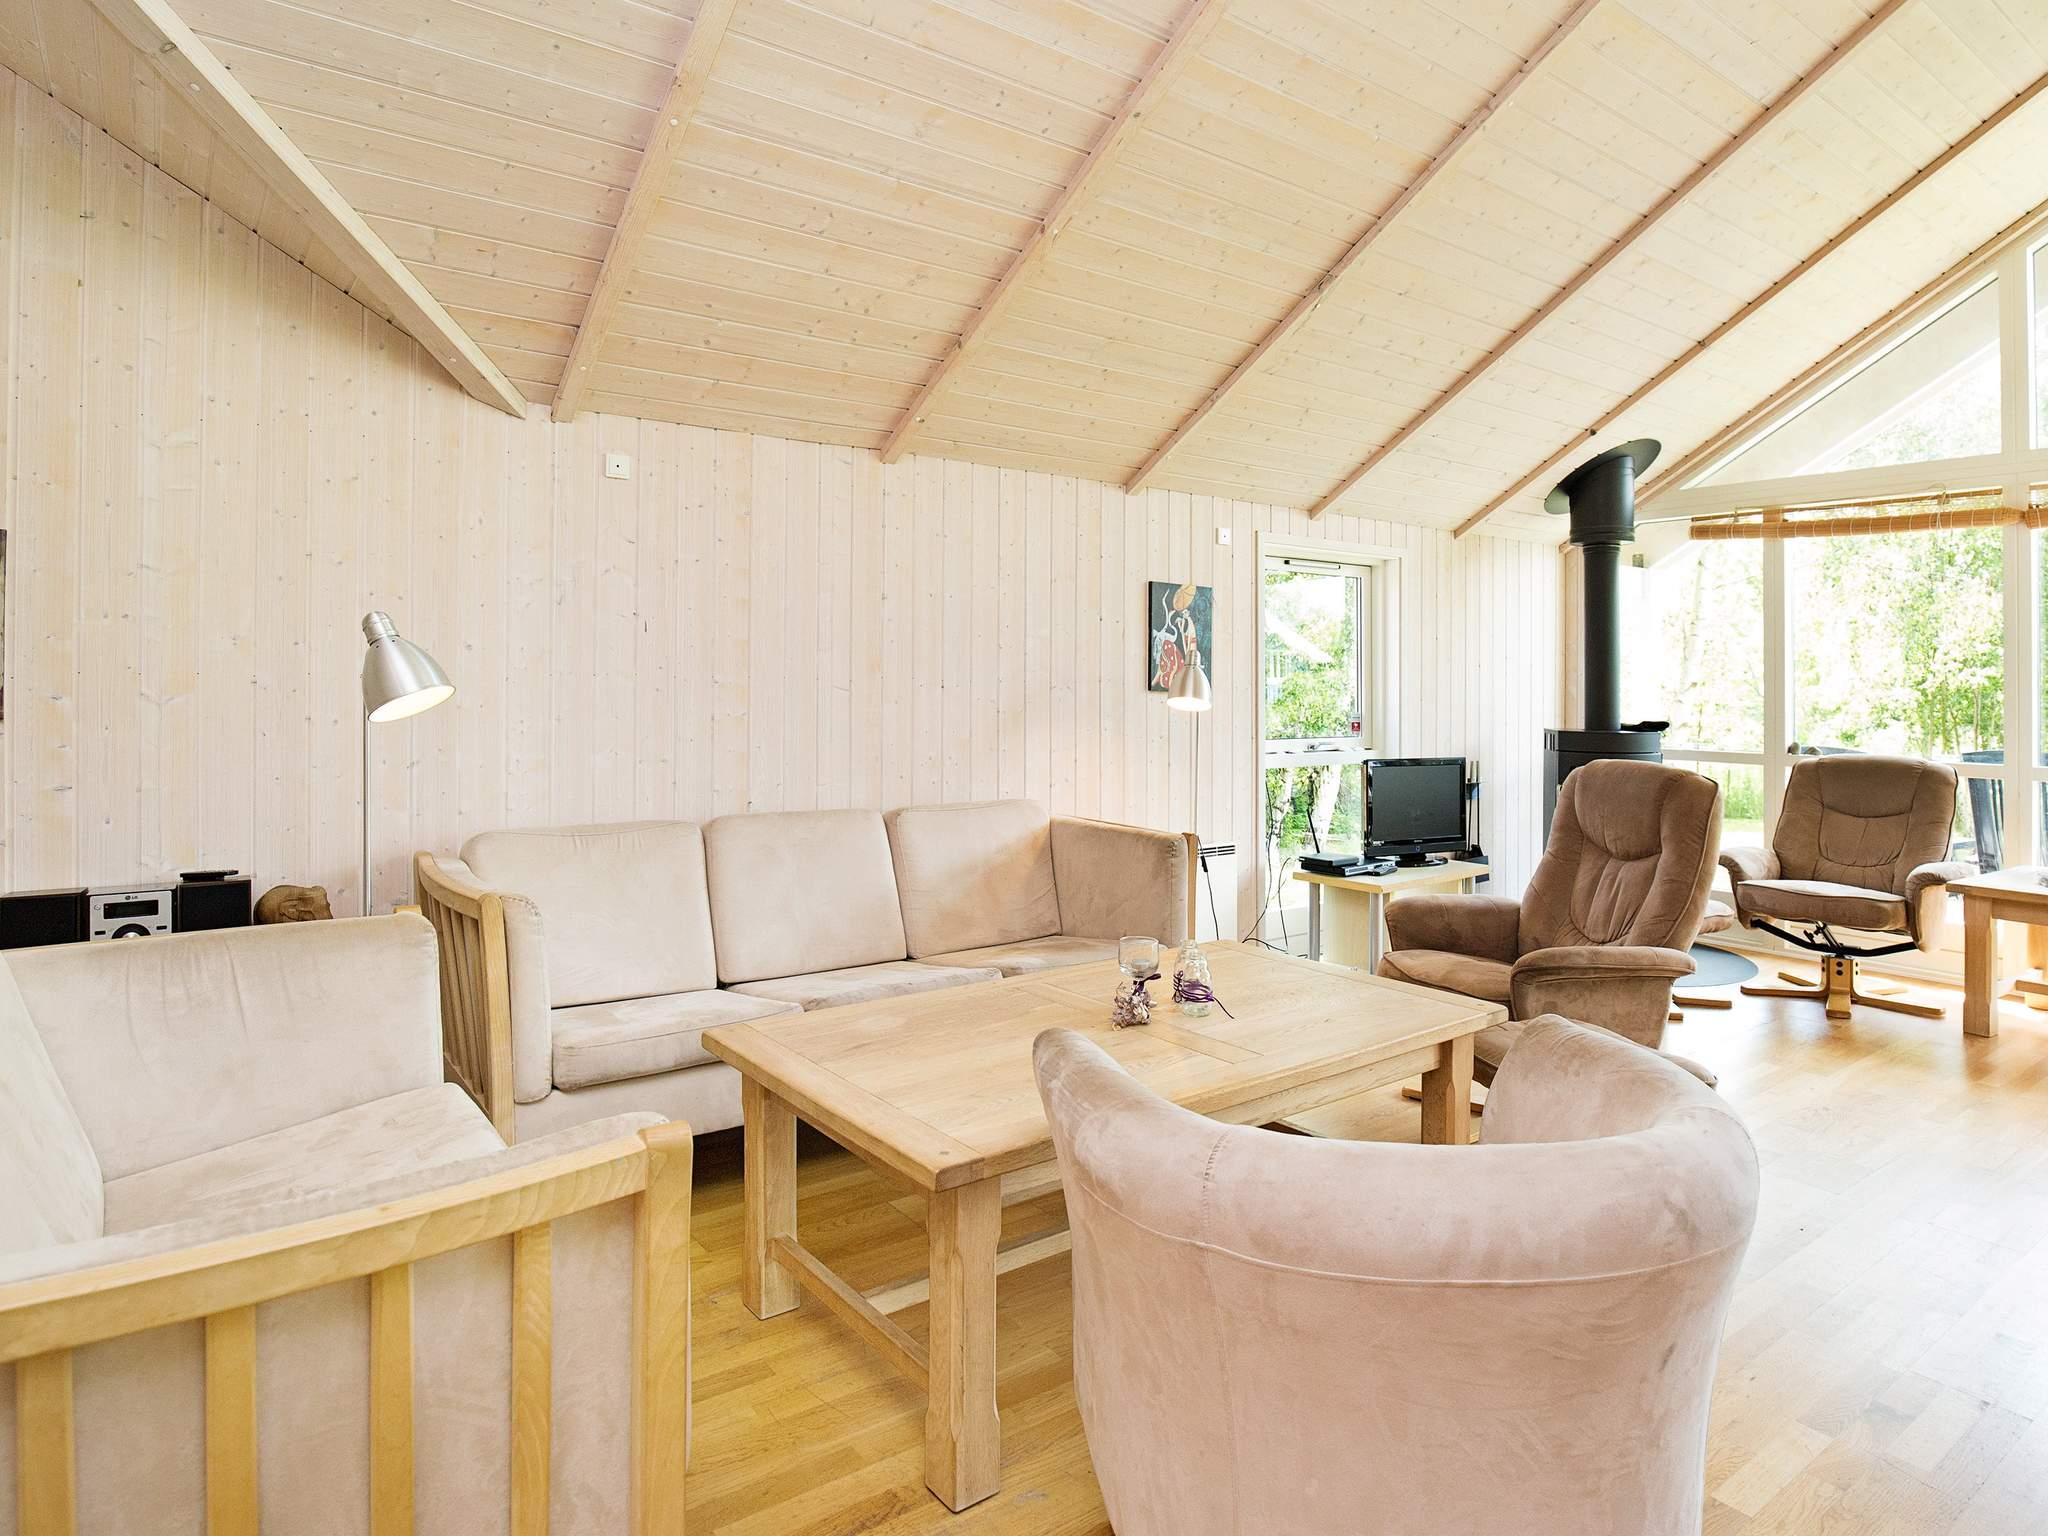 Ferienhaus Veddinge Bakker (216923), Asnæs, , Westseeland, Dänemark, Bild 3